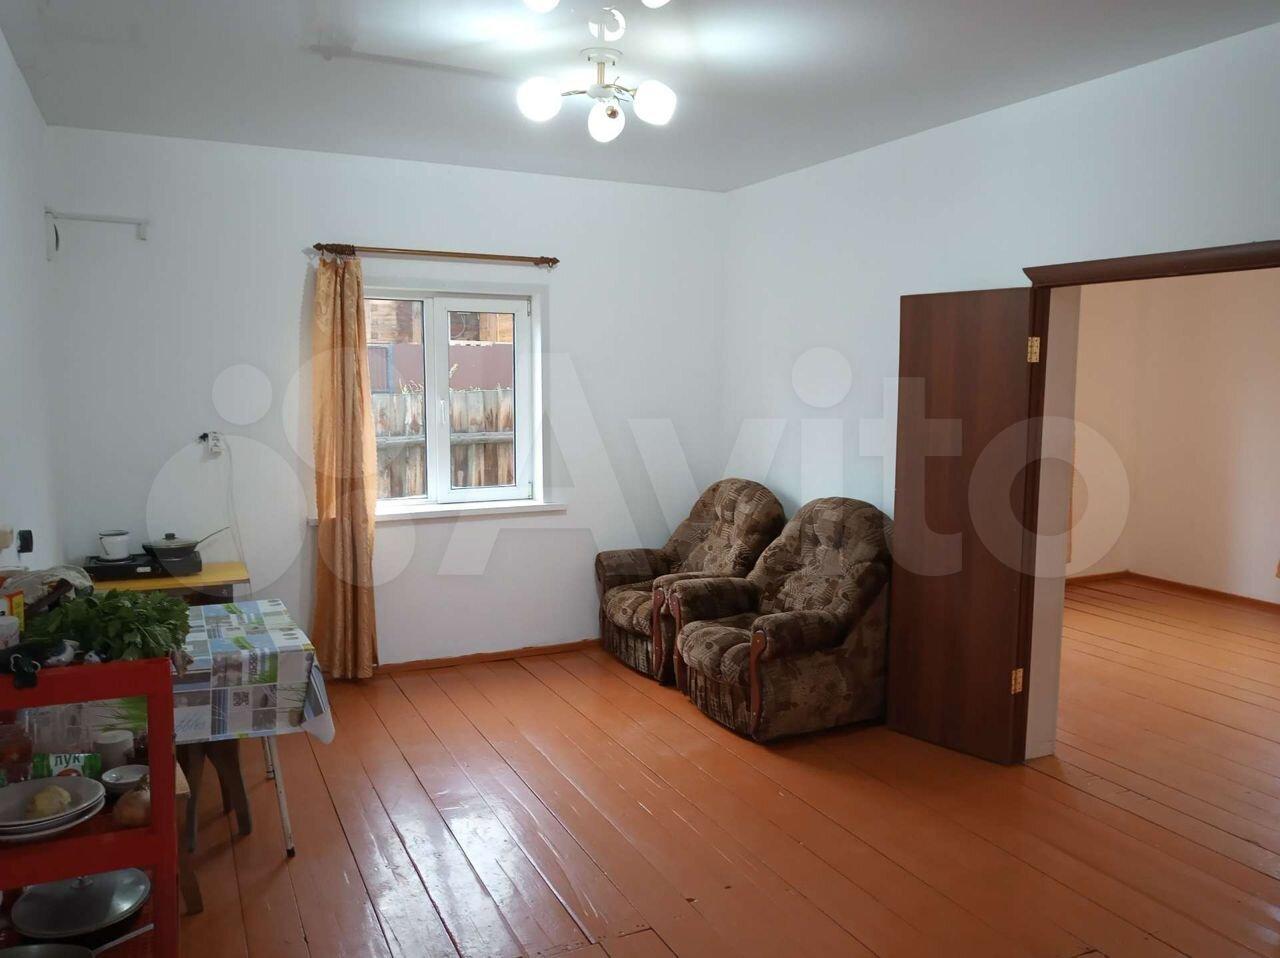 Дом 67 м² на участке 8 сот.  89676216242 купить 3